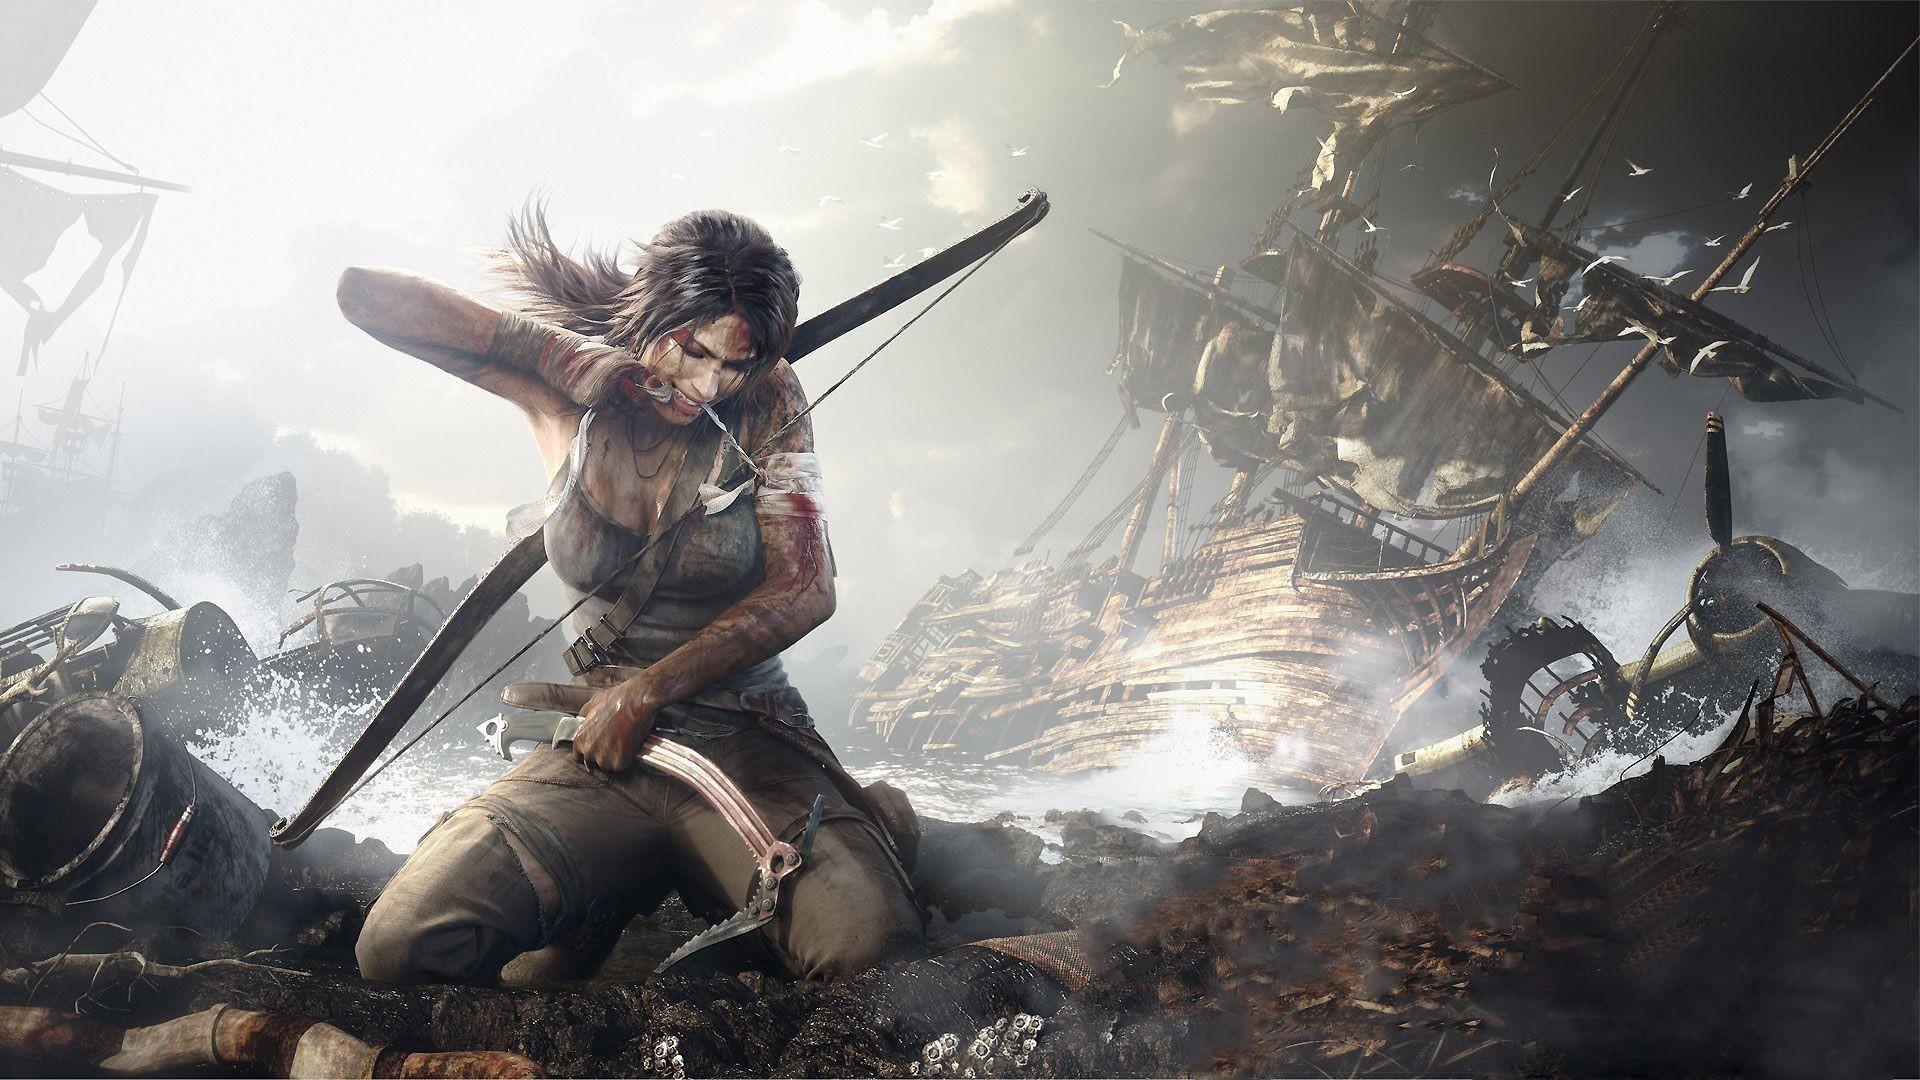 Tomb Raider 2017 Android Wallpaper Wallpapertag